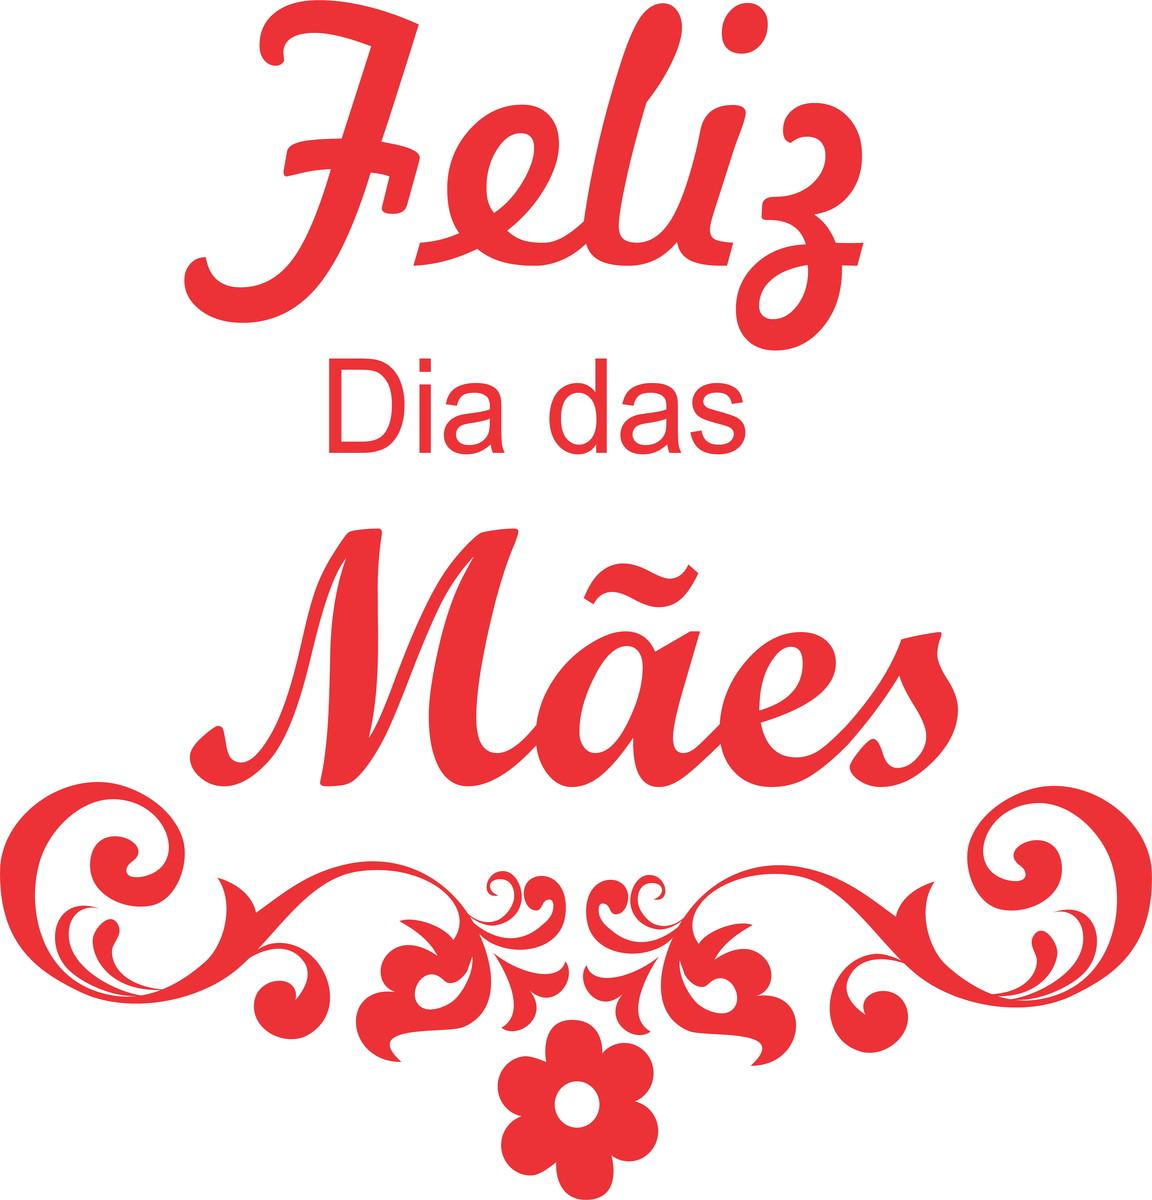 Adesivos loja vitrine dia das m u00e3es no Elo7 Adesivos Sempre Viva (6B4CC3) # Decoração Dia Das Mães Em Loja